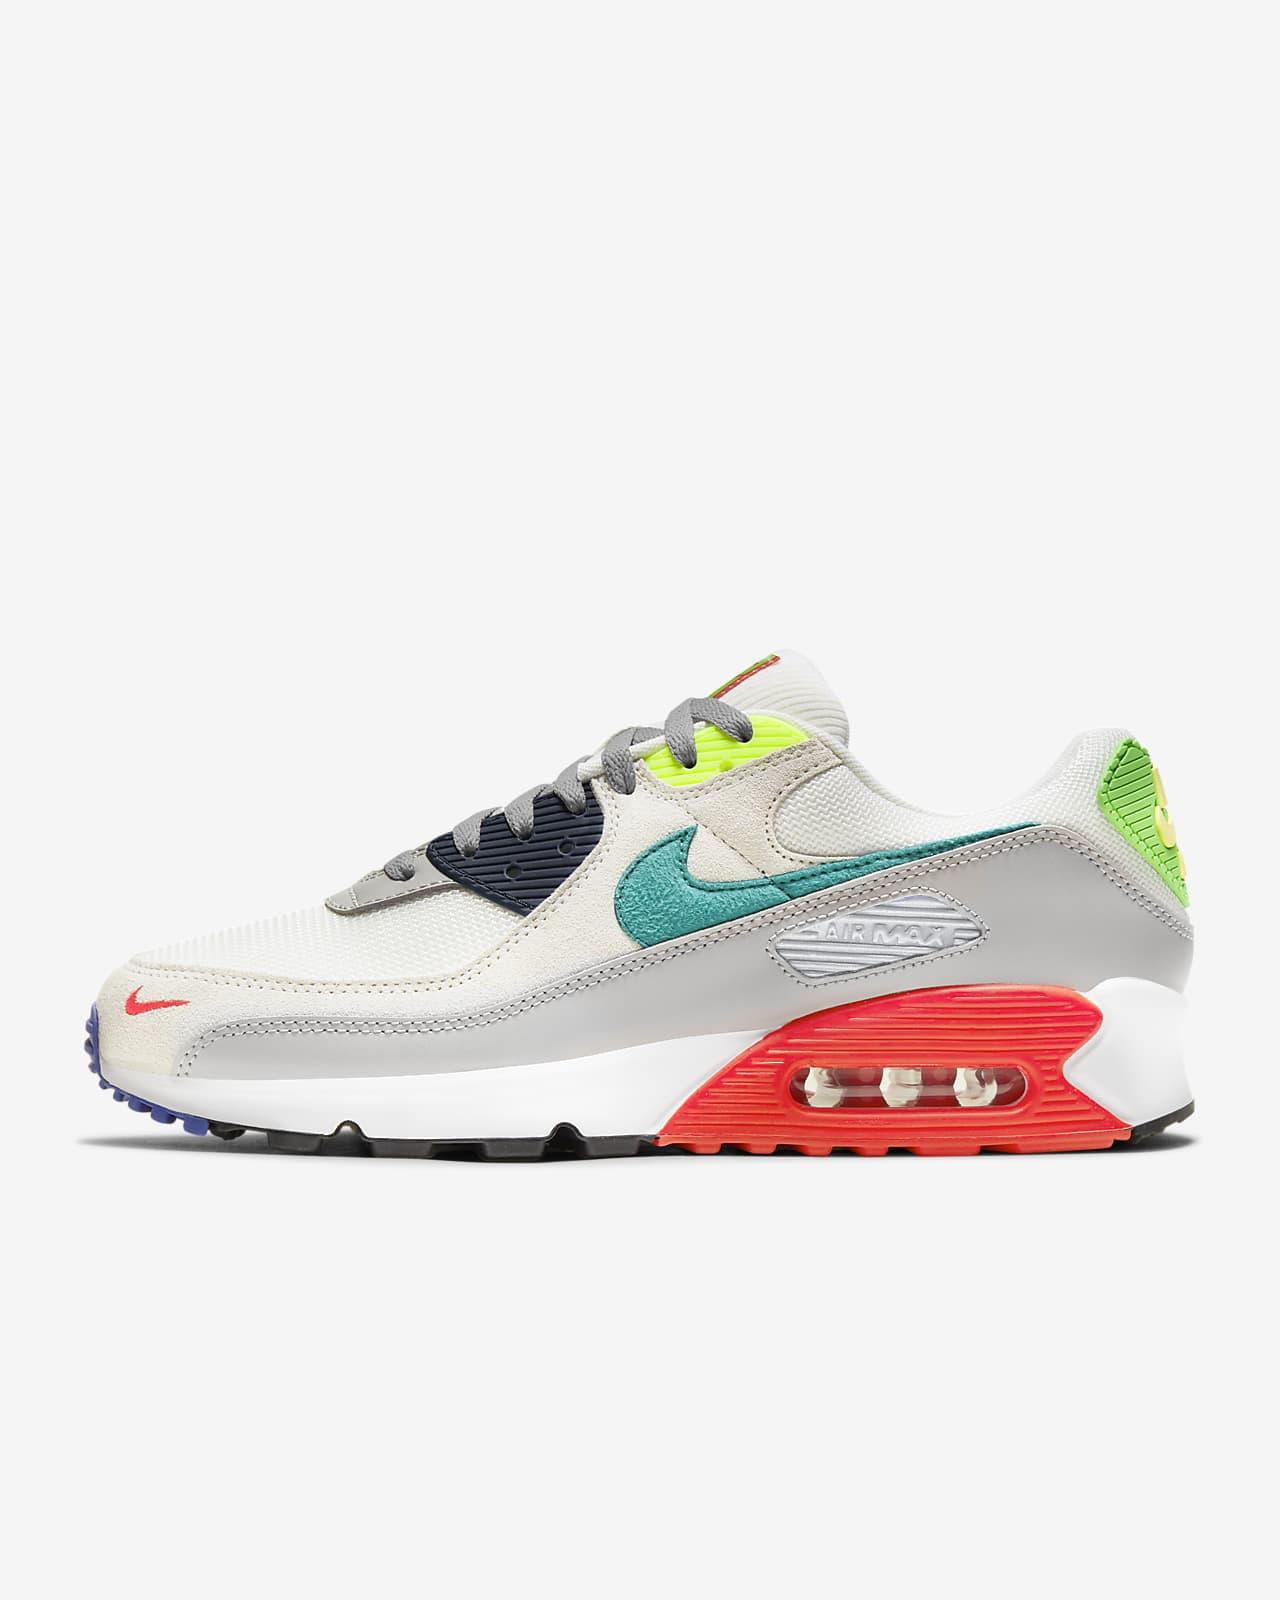 Sko Nike Air Max 90 EOI för män